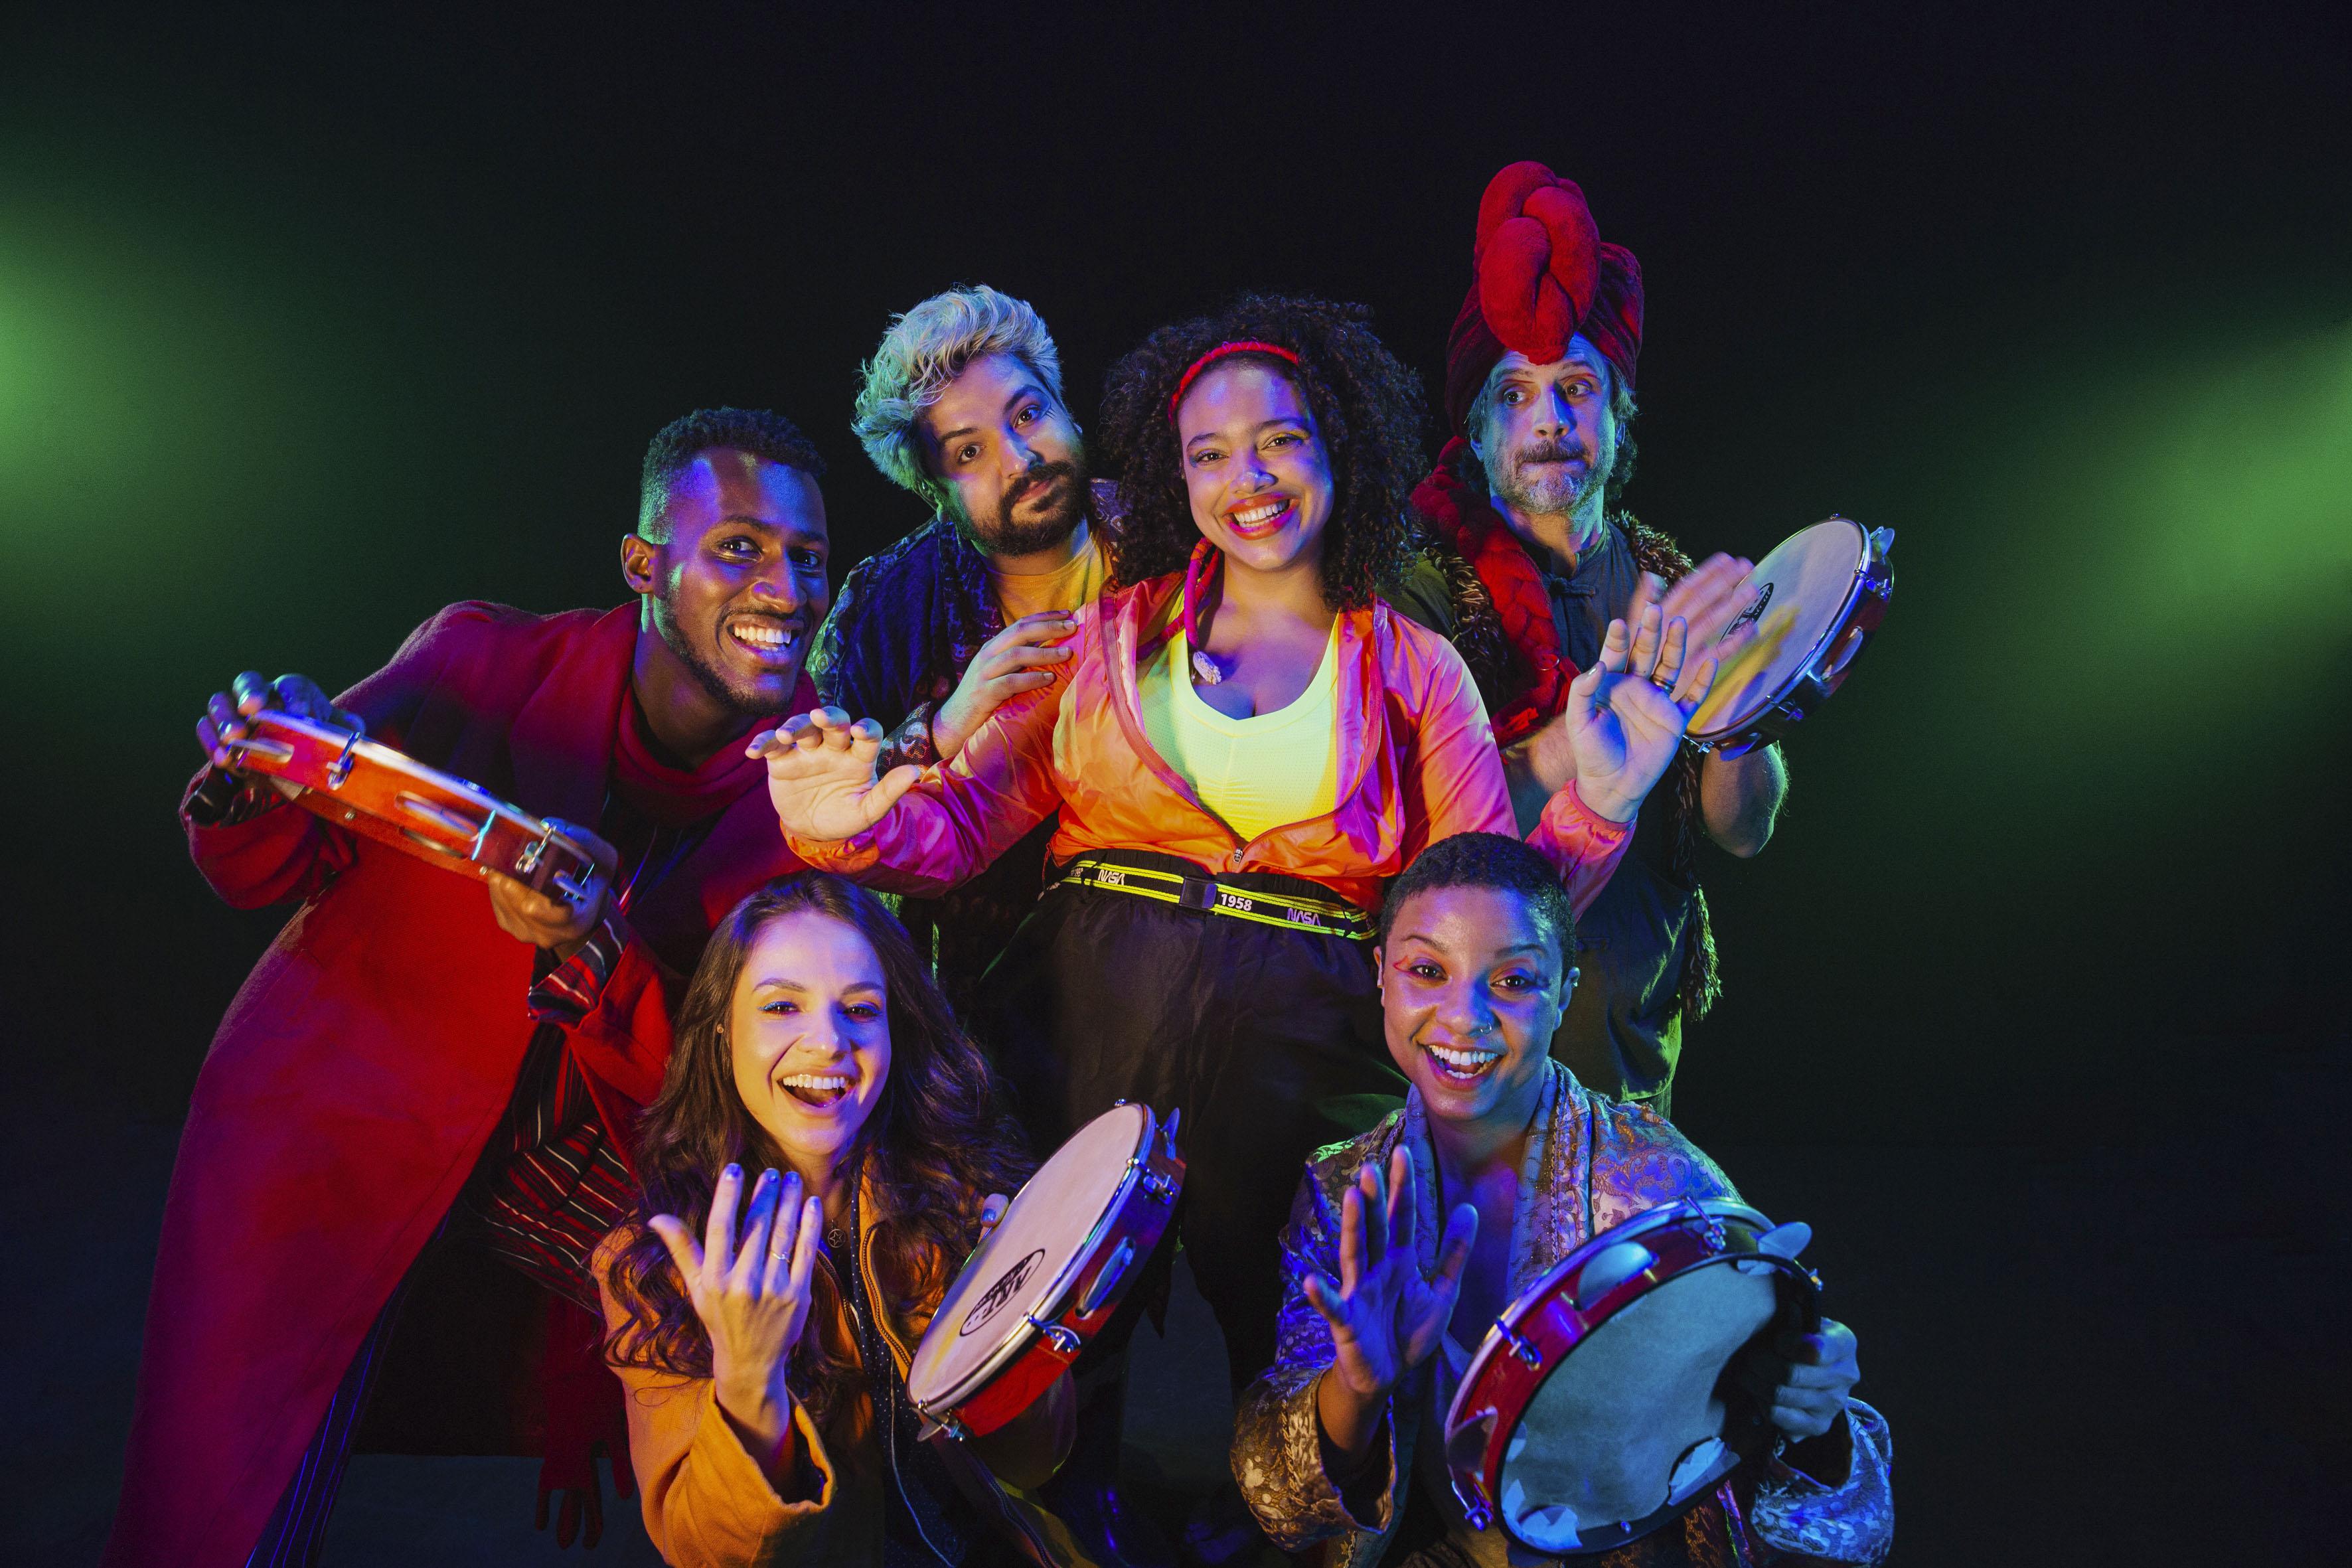 Imagem mostra seis jovens com roupas nas cores neon